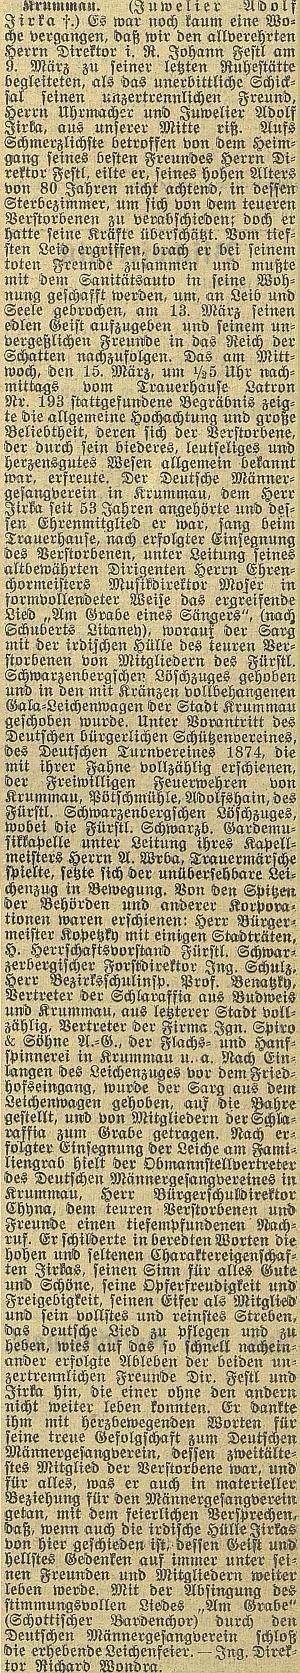 Autorem nekrologu v českobudějovickém německém listu byl Richard Wondra